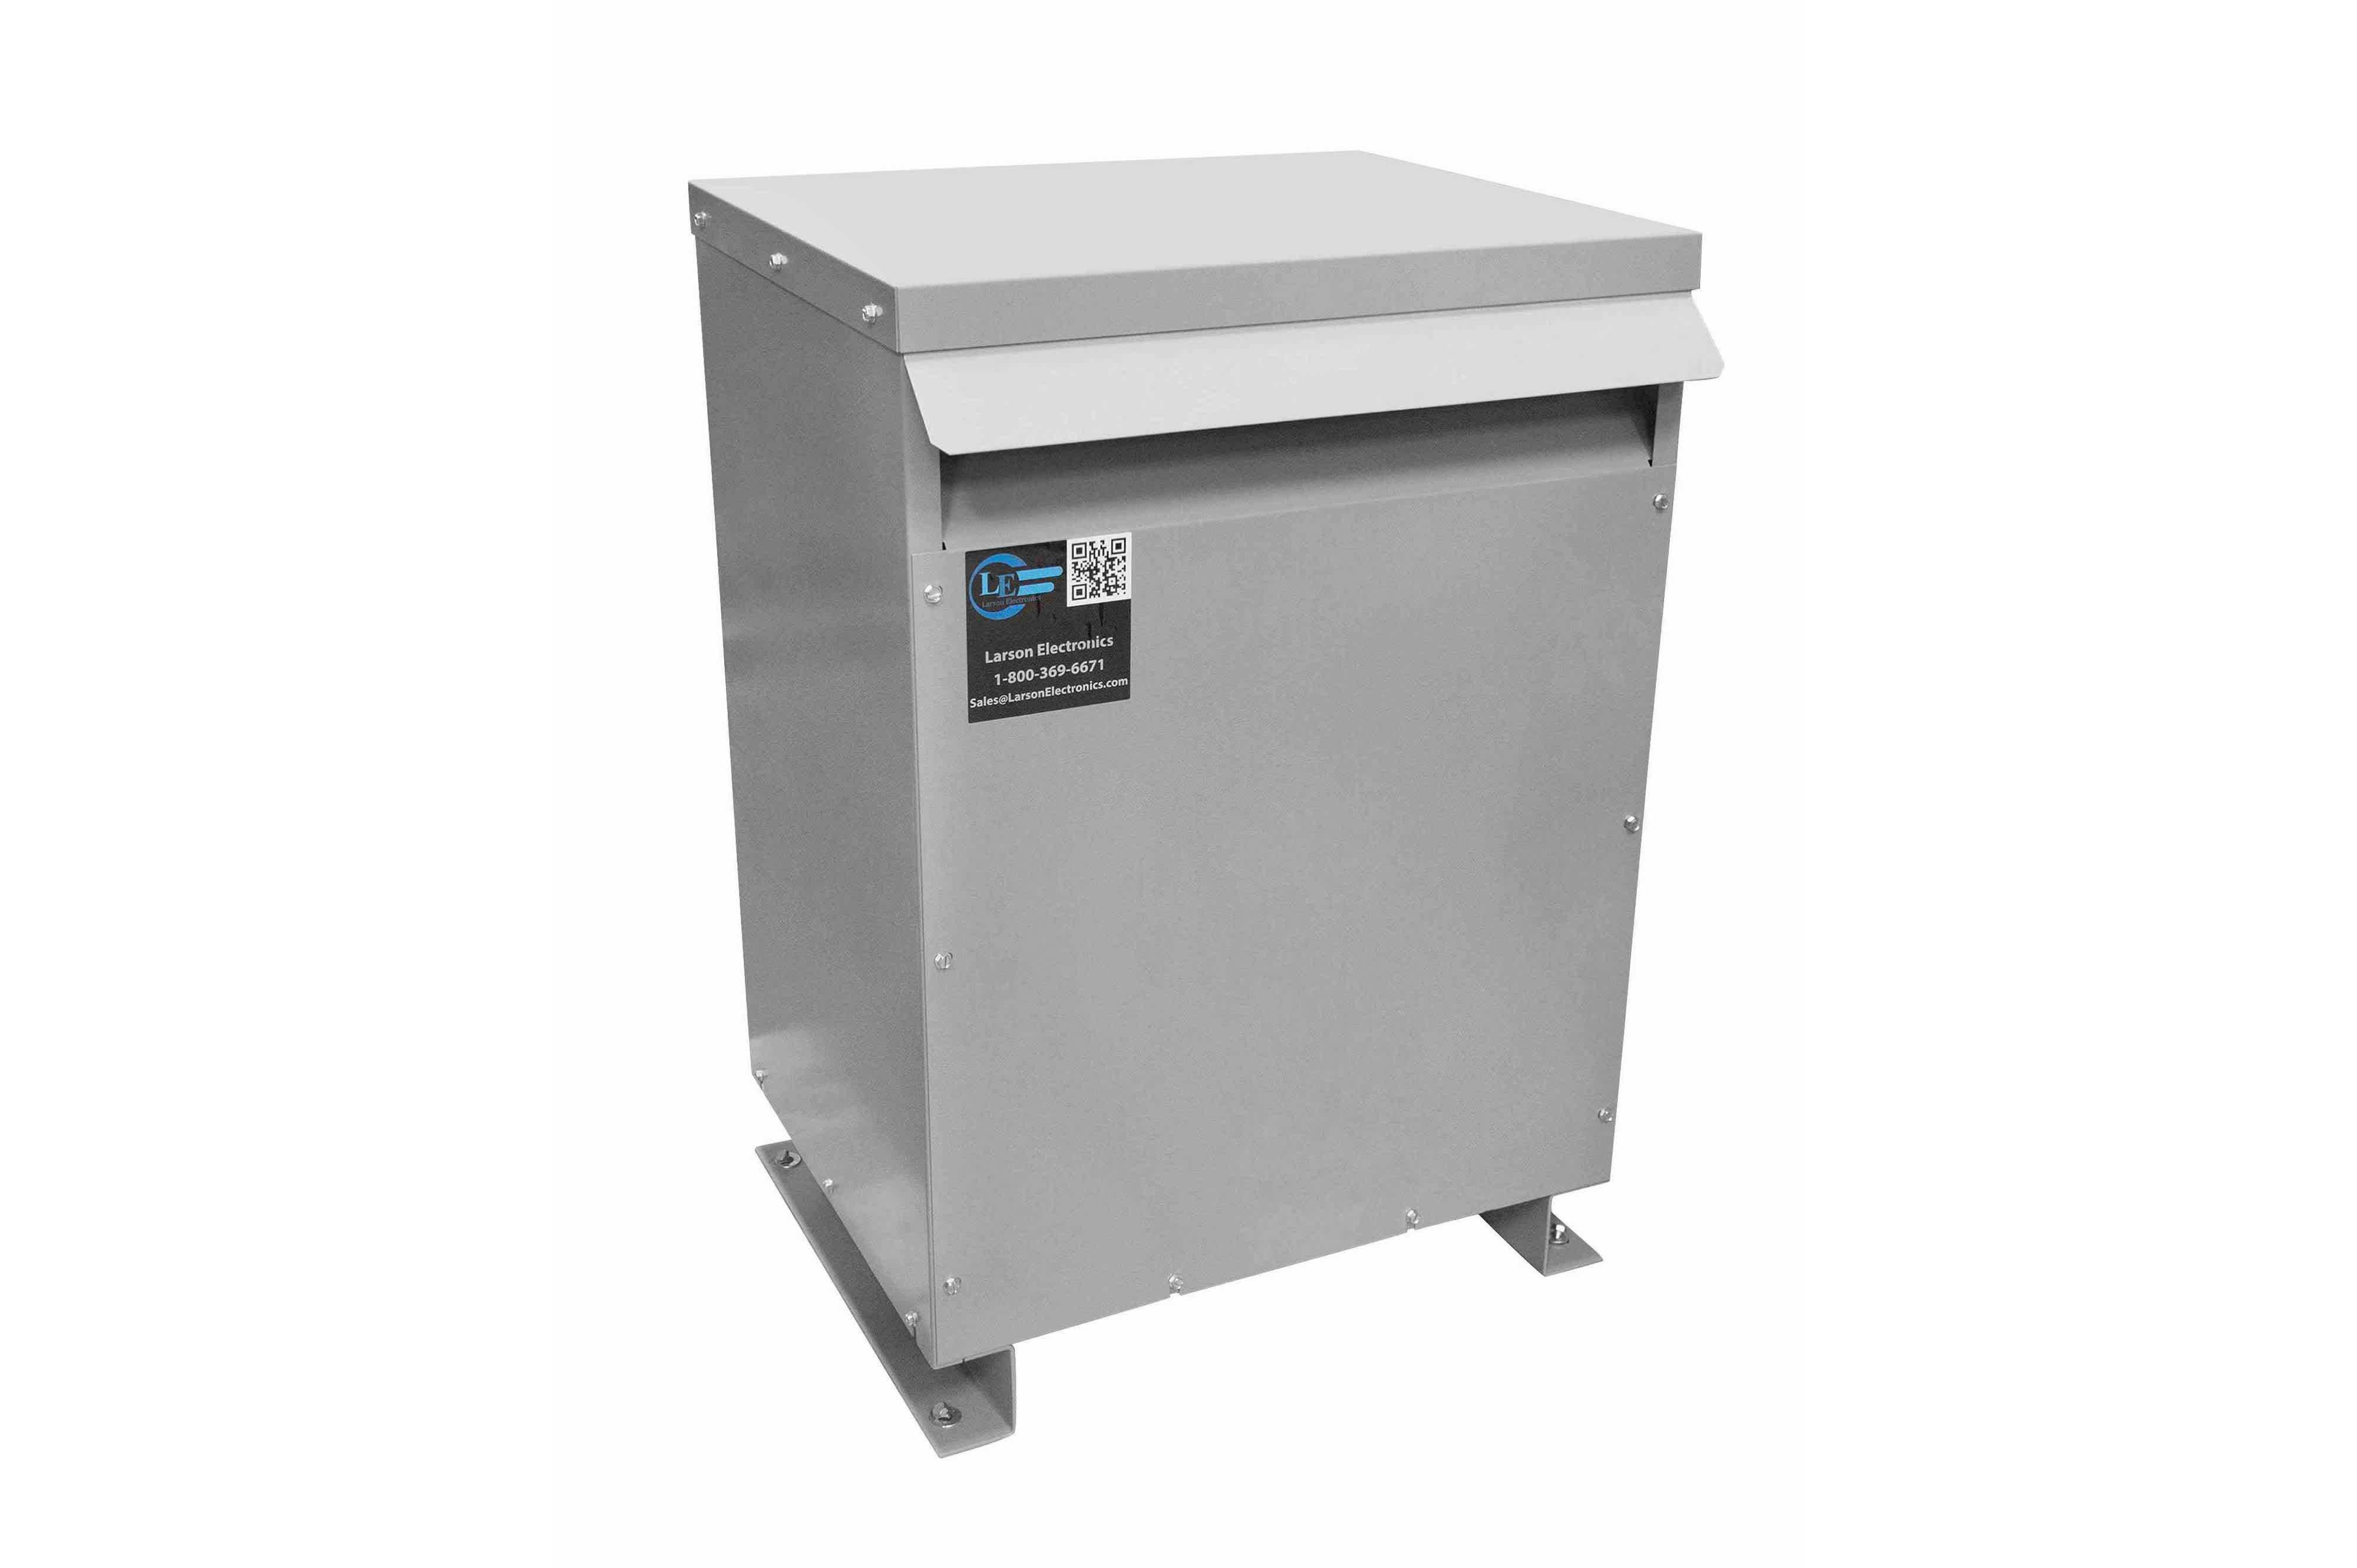 28 kVA 3PH Isolation Transformer, 600V Delta Primary, 380V Delta Secondary, N3R, Ventilated, 60 Hz